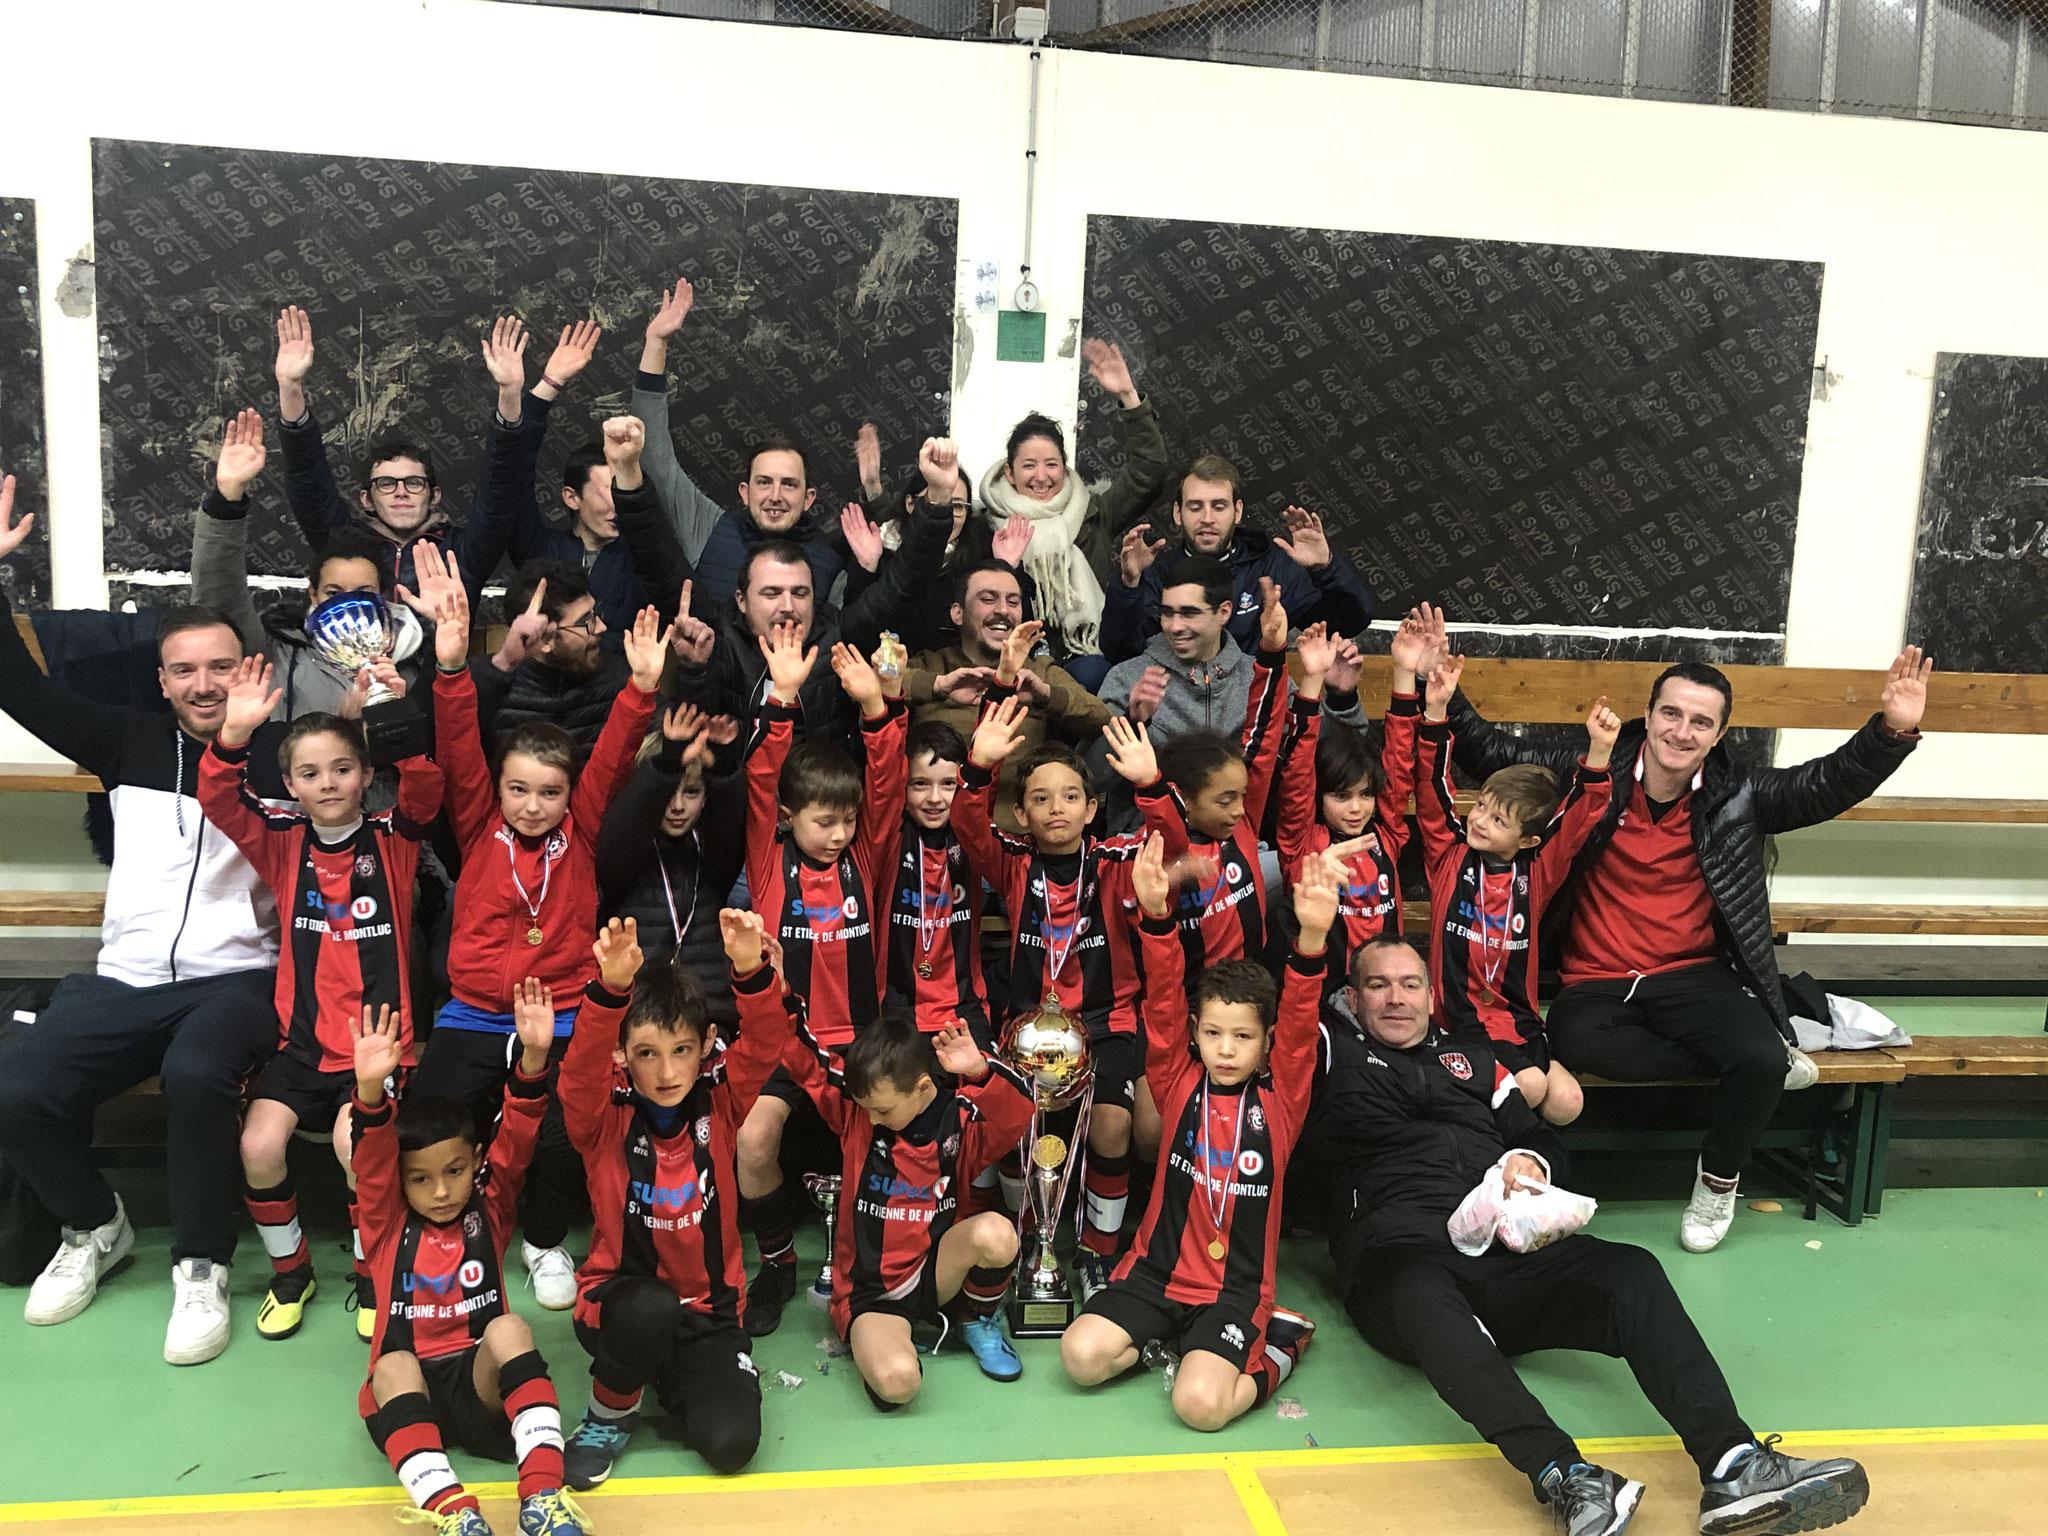 Les amis de Grégory avec les U8/U9 du FC Stéphanois